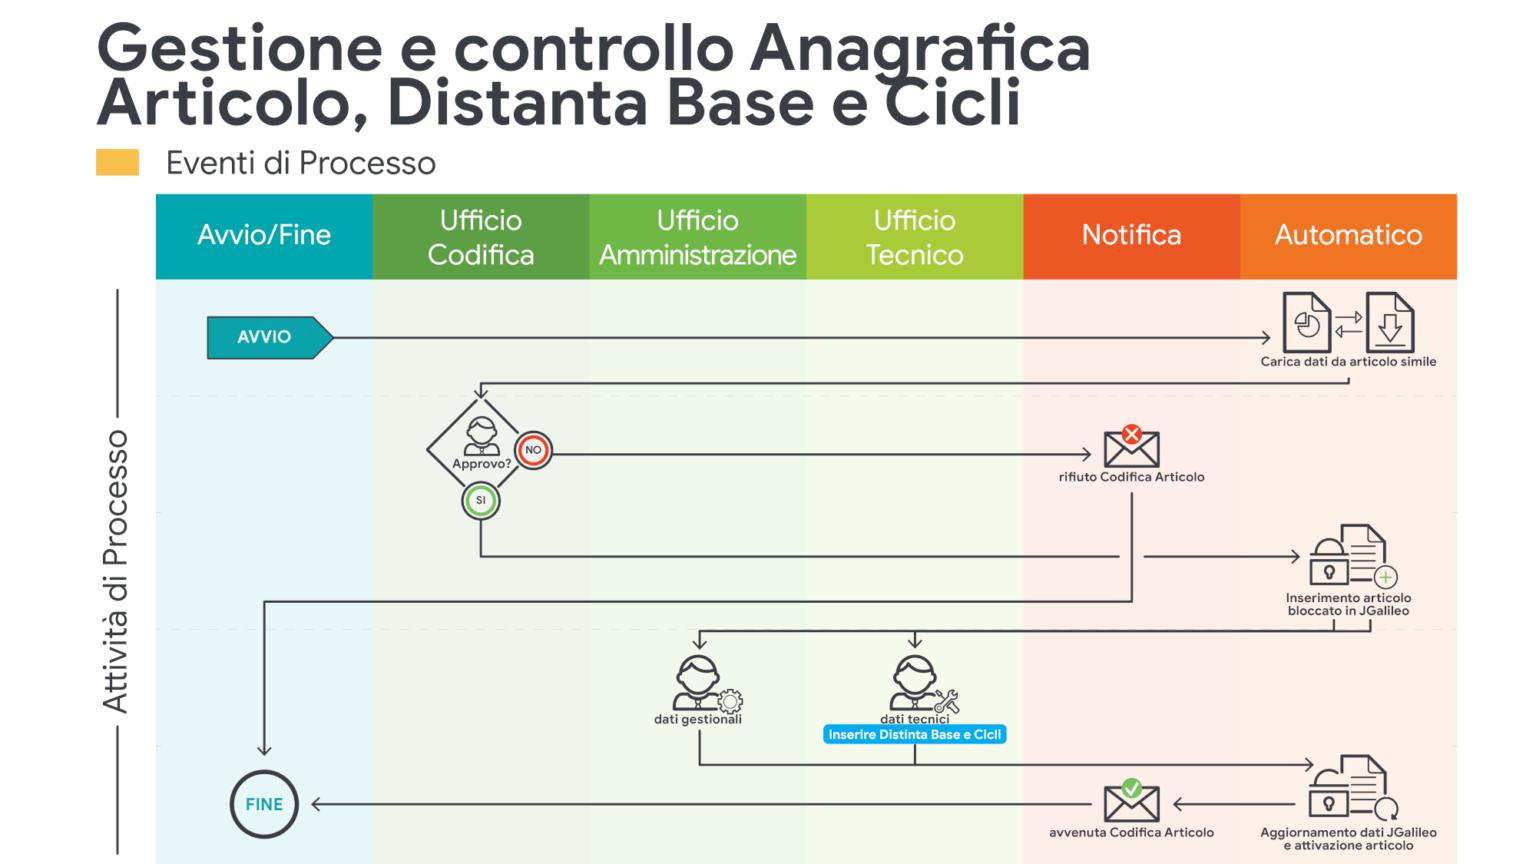 JPA_Gestione e controllo Anagrafica Articolo, Distanta Base e Cicli